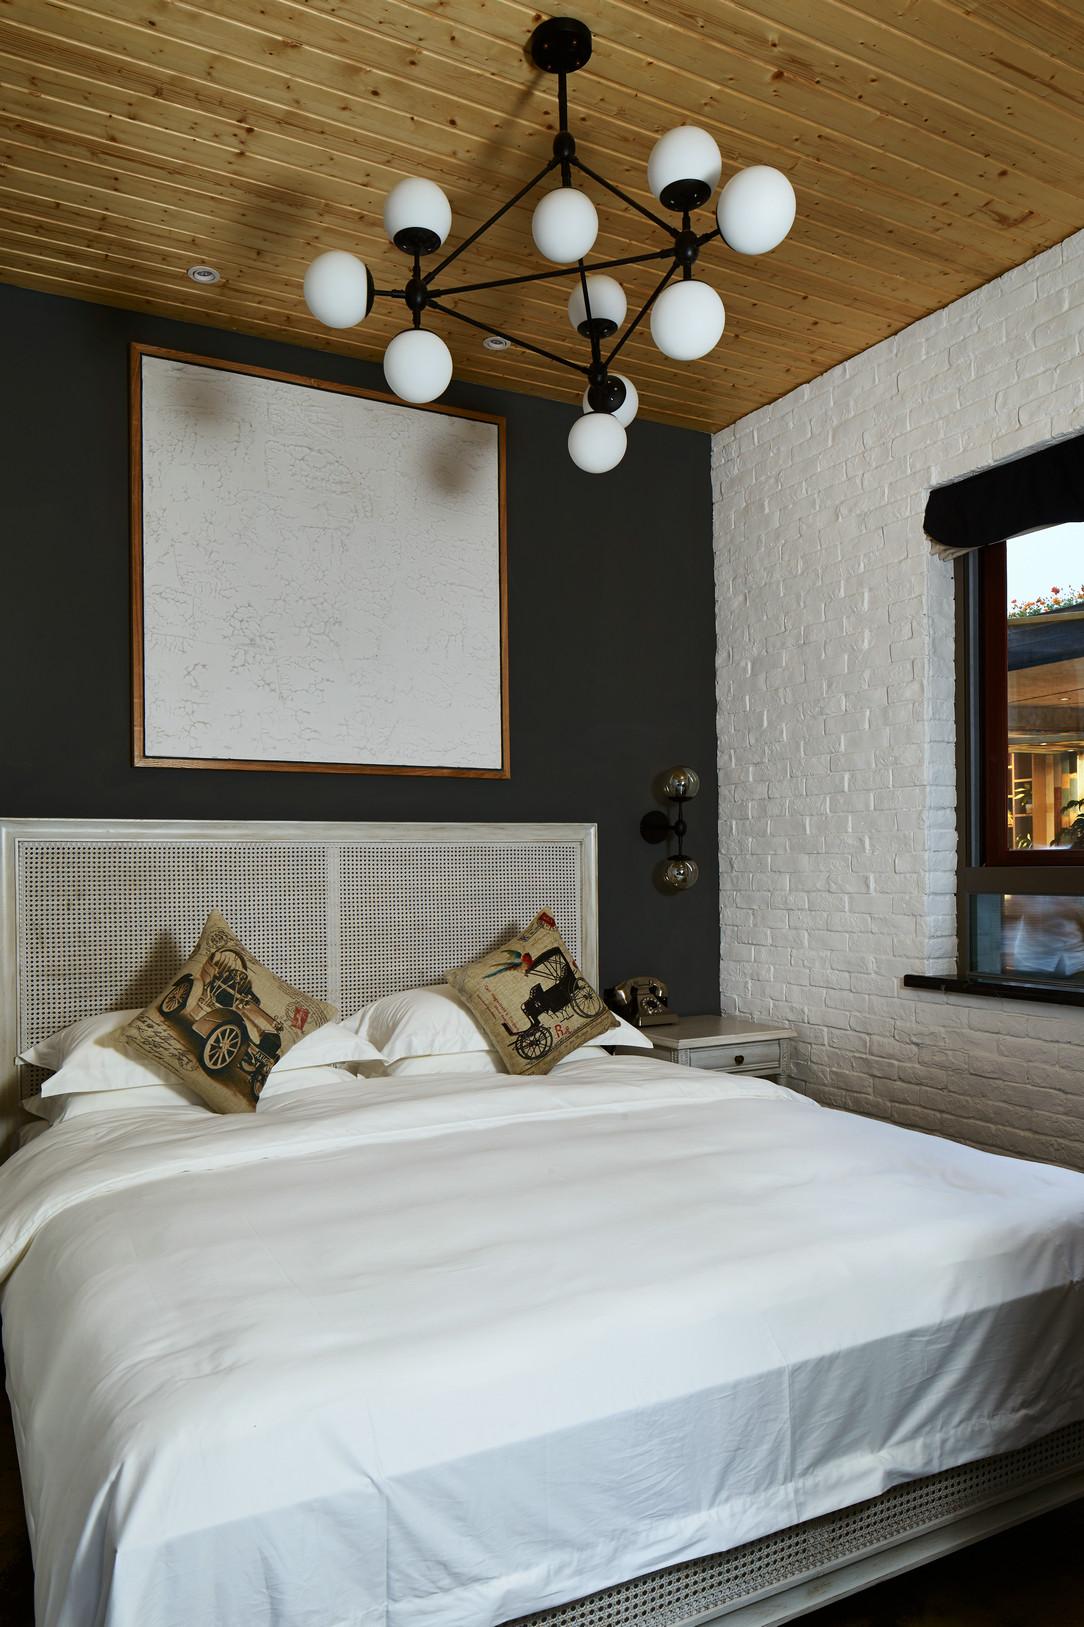 混搭 别墅 80后 卧室图片来自上海倾雅装饰有限公司在初夏的时光的分享